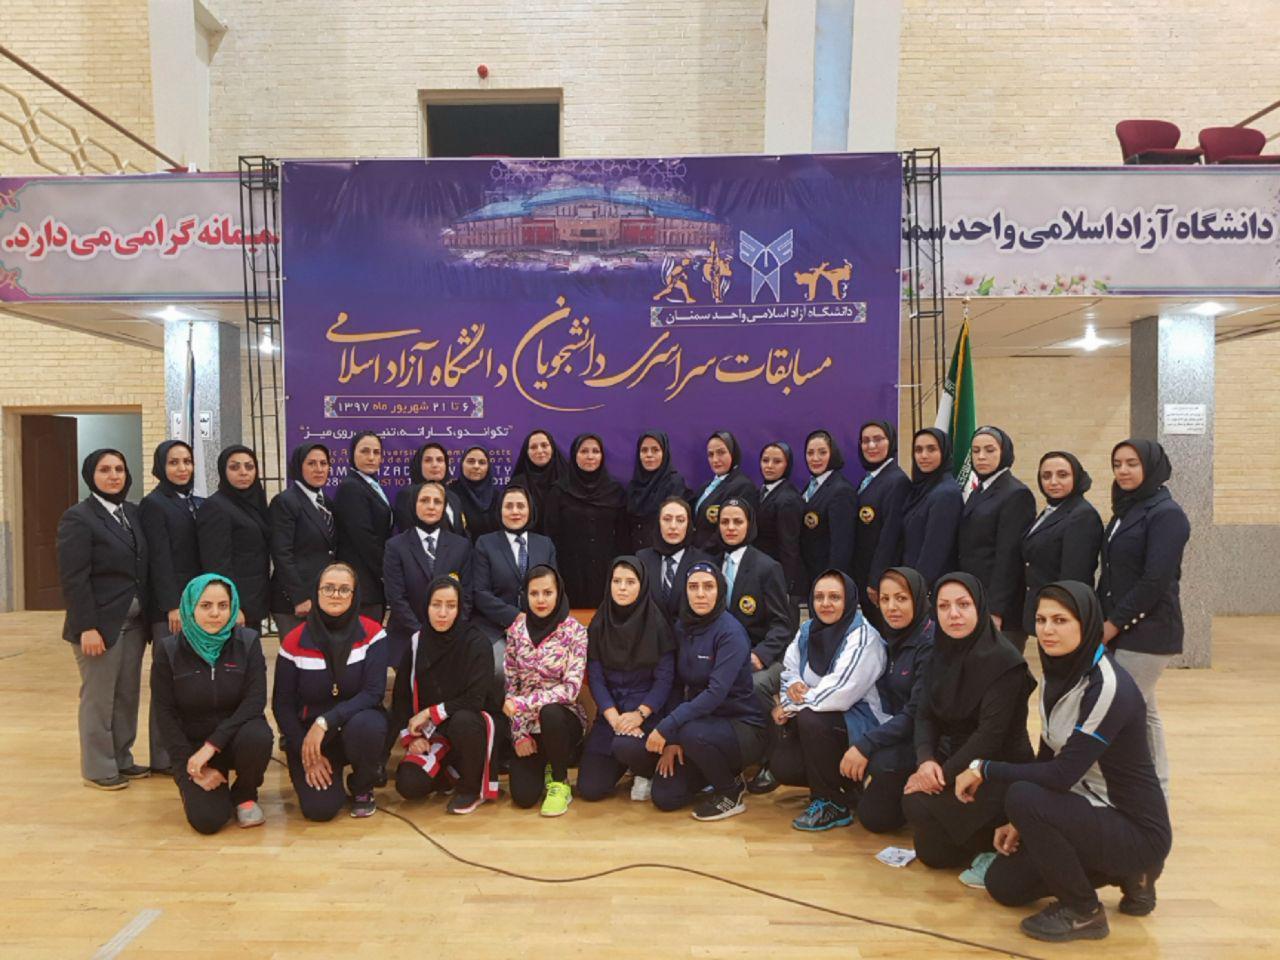 مسابقات کاراته دانشگاه آزاد / تهران قهرمان شد ؛ البرز و همدان دوم و سوم شدند